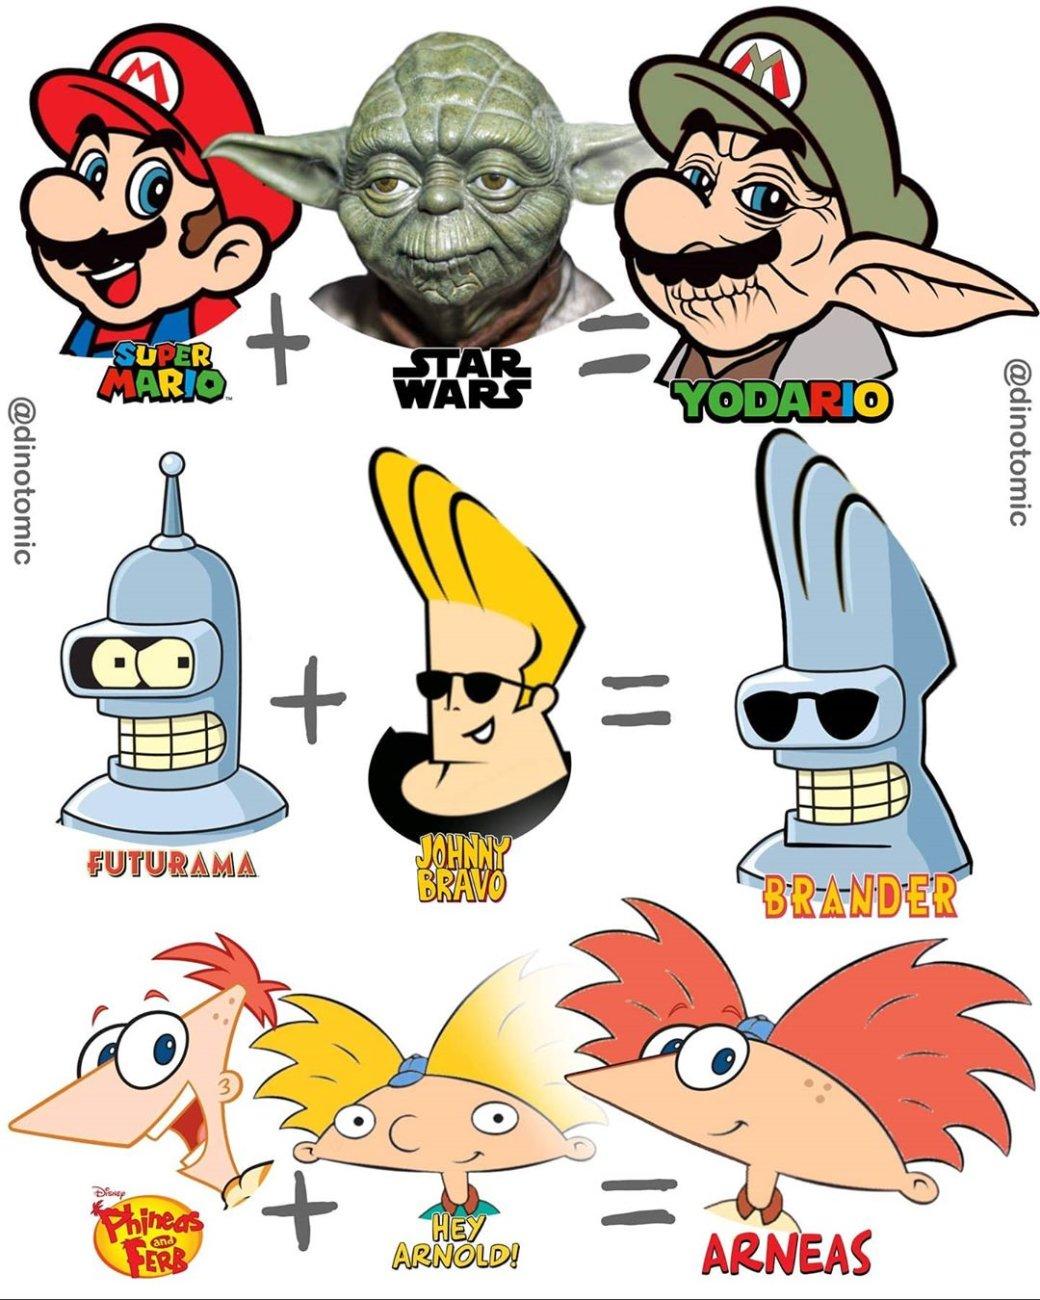 Бэтмен + Аанг, Шрек + Попай, Йода + Марио: художник объединяет различных персонажей накрутых артах